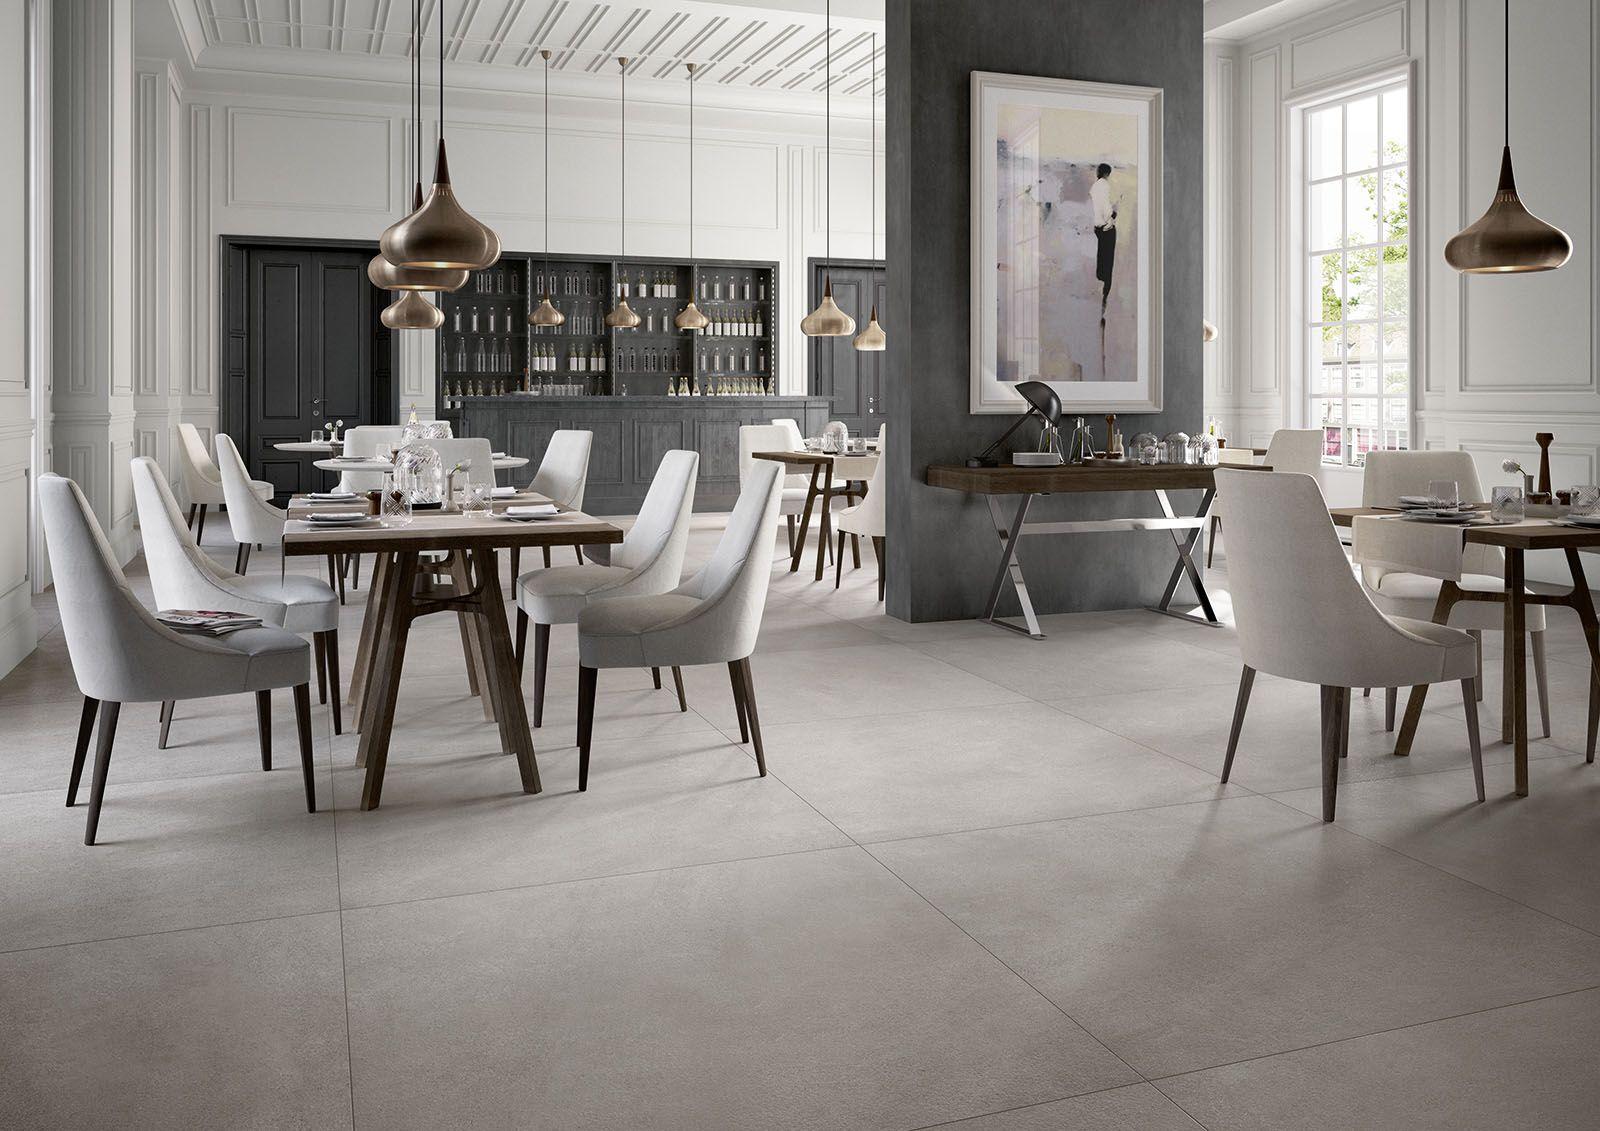 Xlstone Ceramic Stone Ceramic Tiles Flooring Covering Marazzi House Flooring Home Living Room Floor Tiles Most popular room ceramics